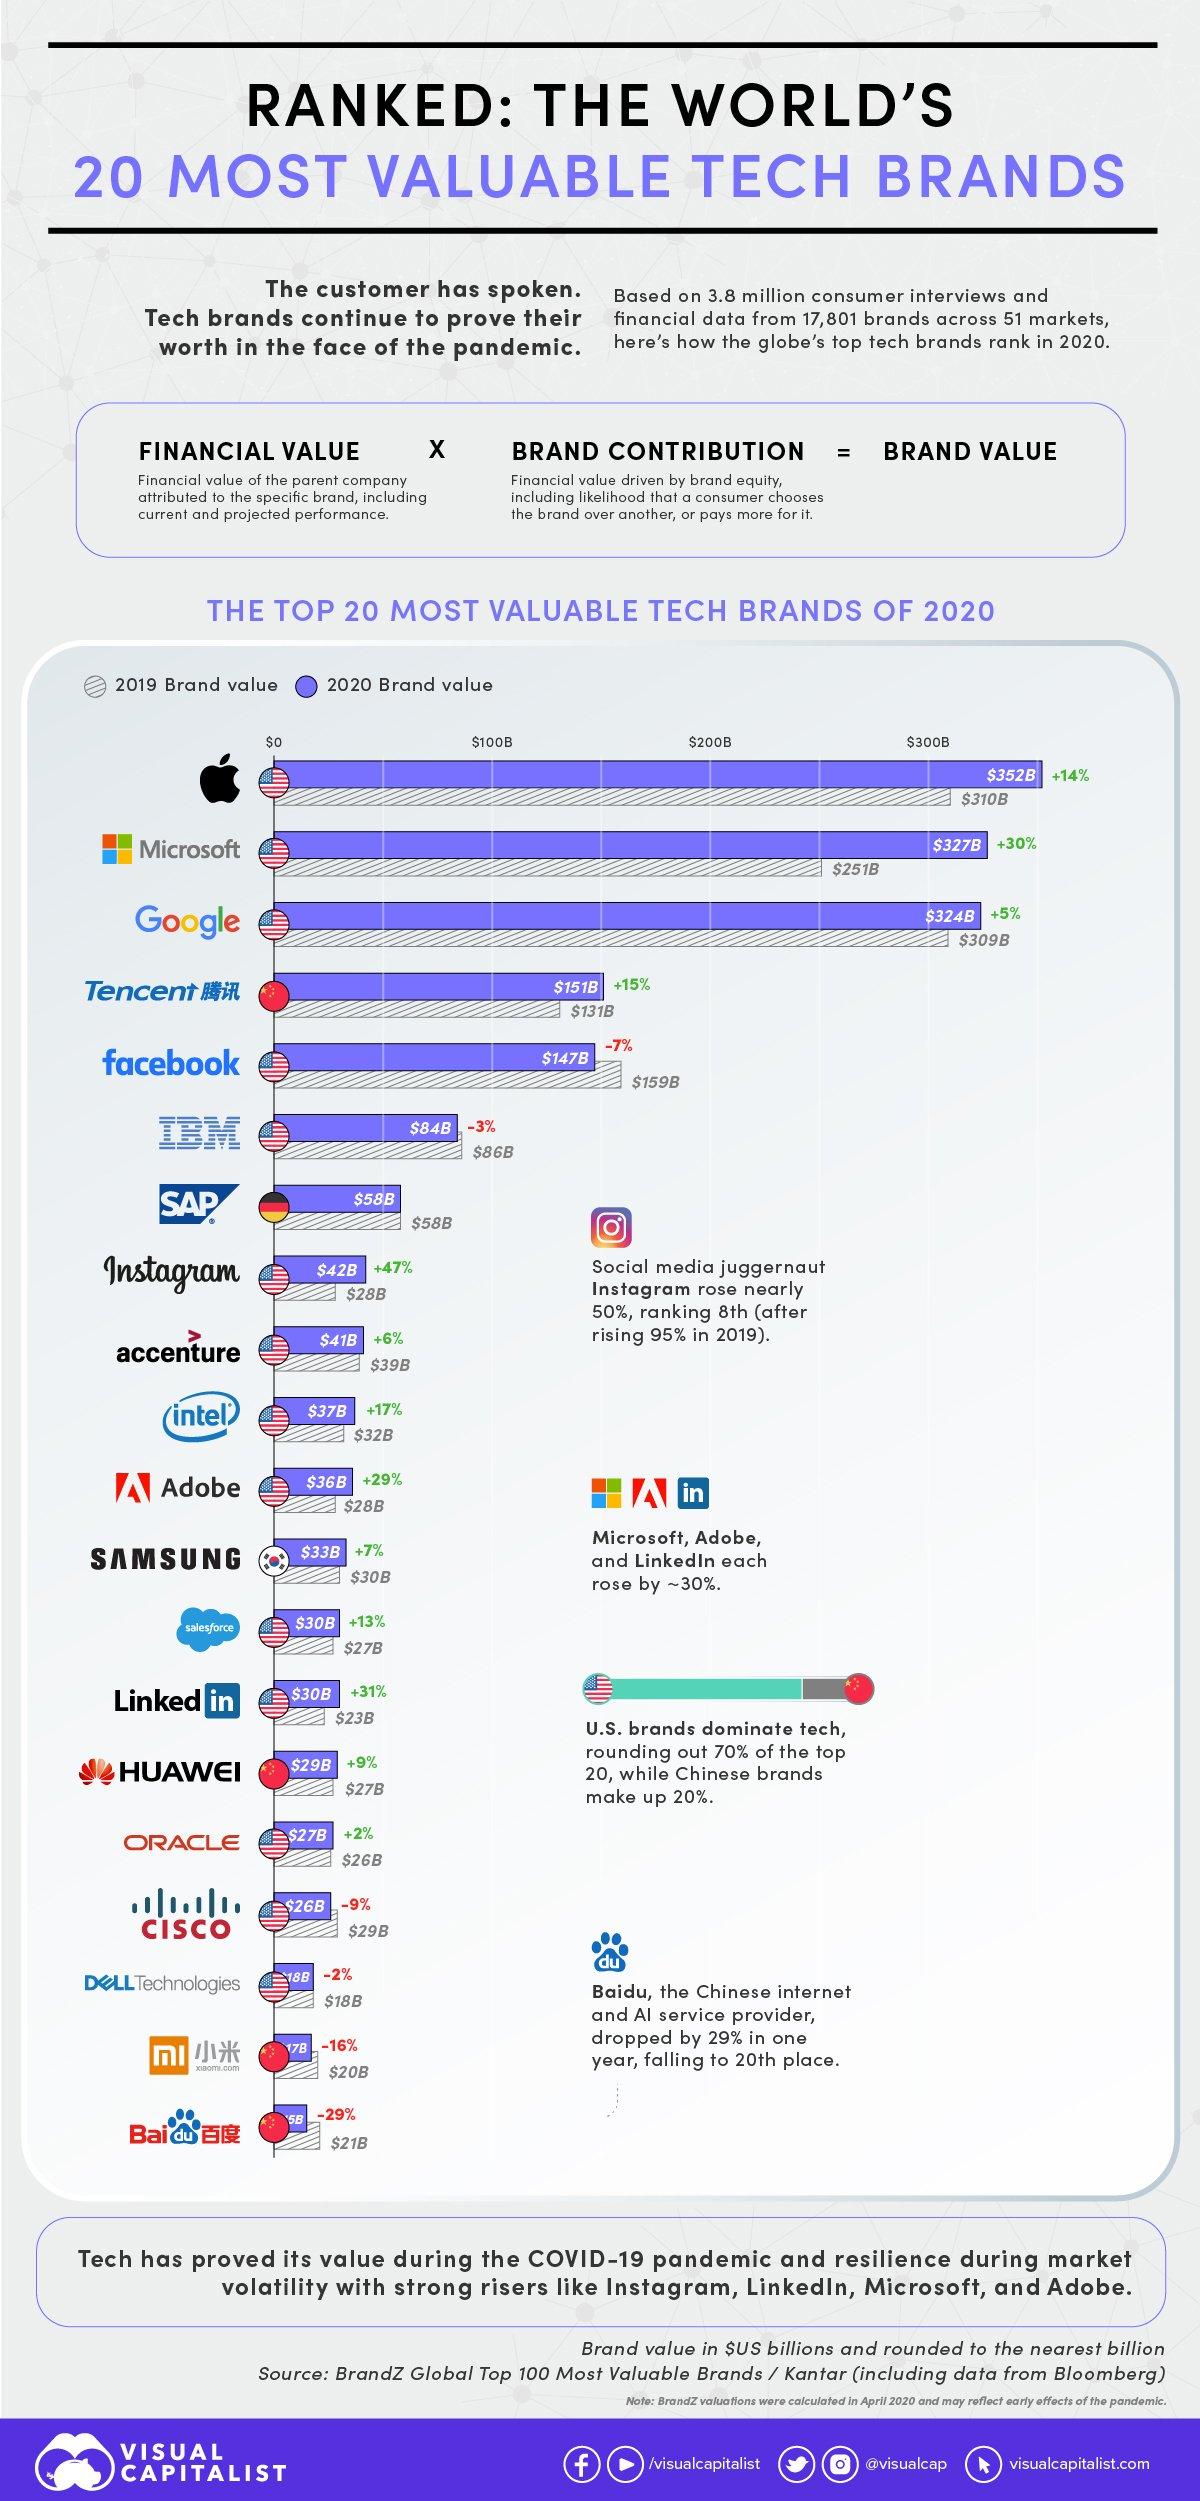 Las 20 marcas de tecnología más valiosas del mundo en 2020.